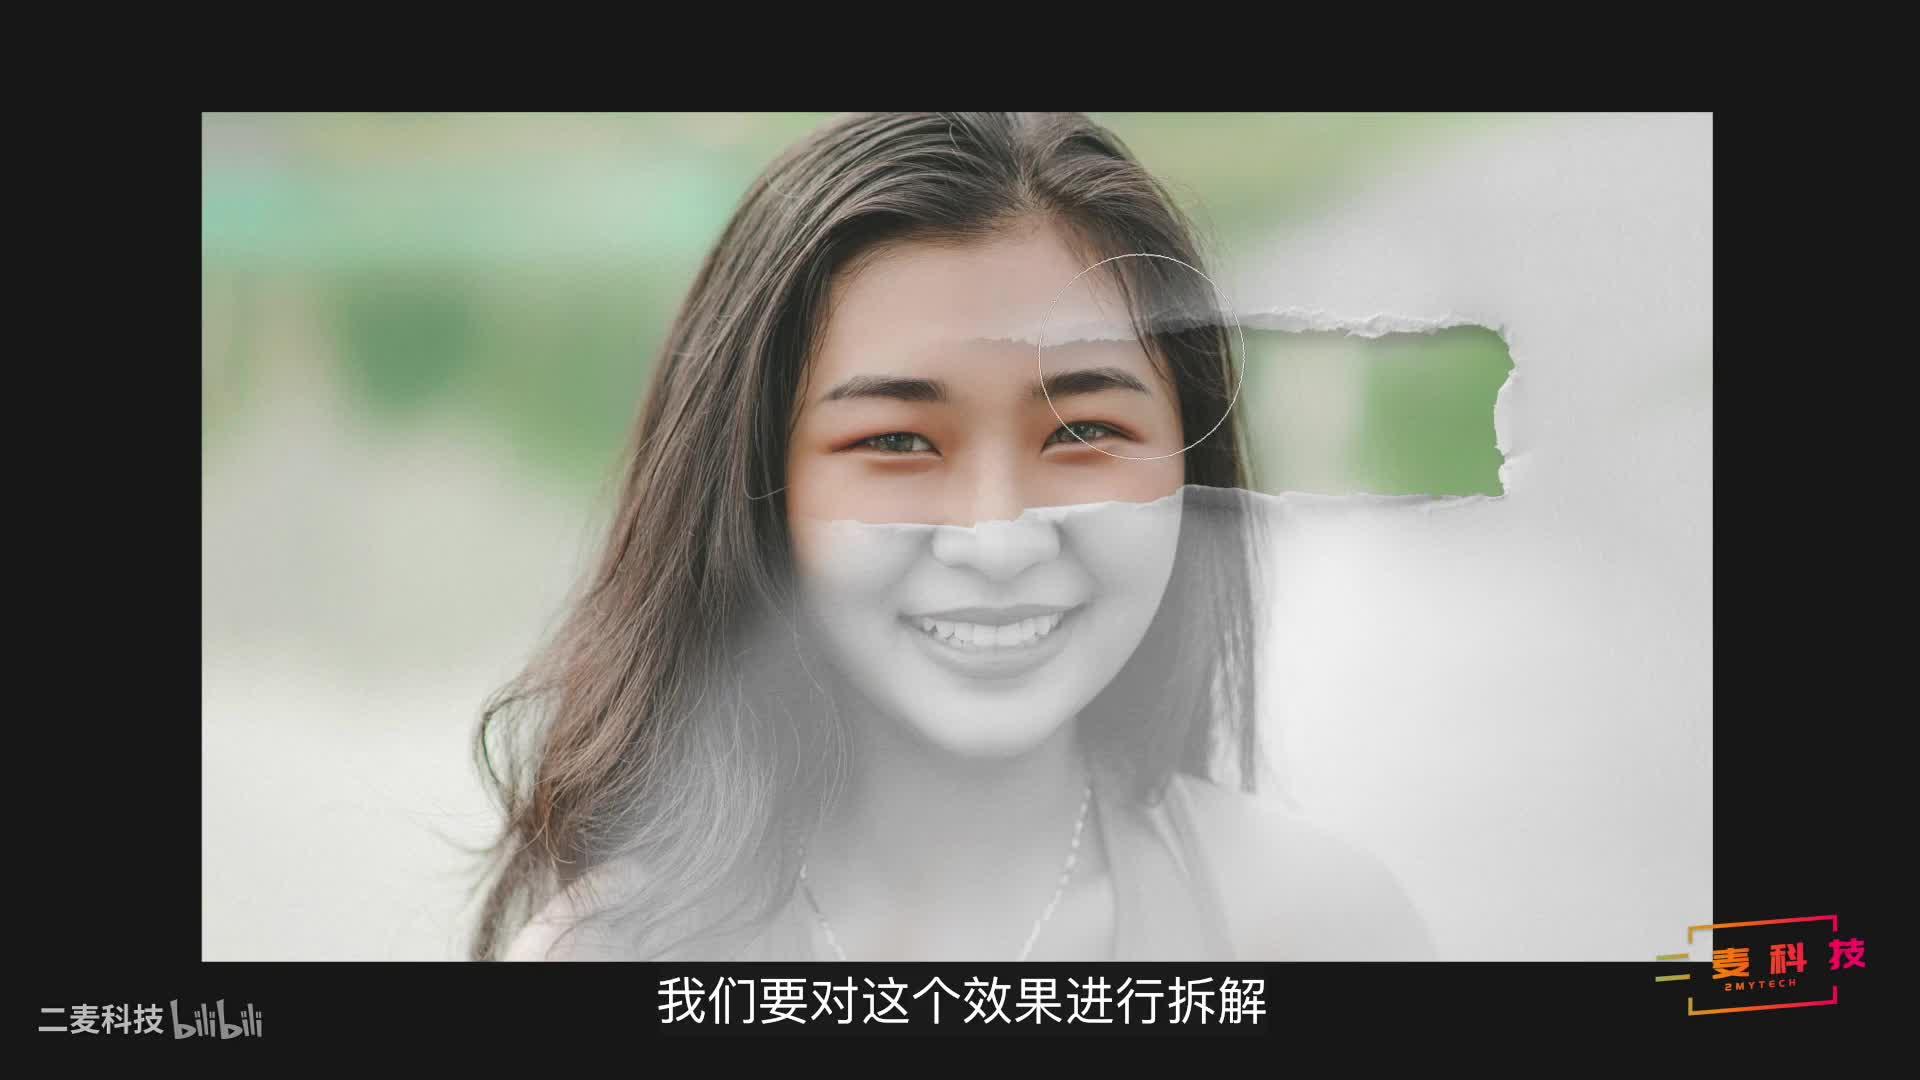 人物照片太单调?教你用手机制作撕纸效果,酷炫而实用的修图技巧